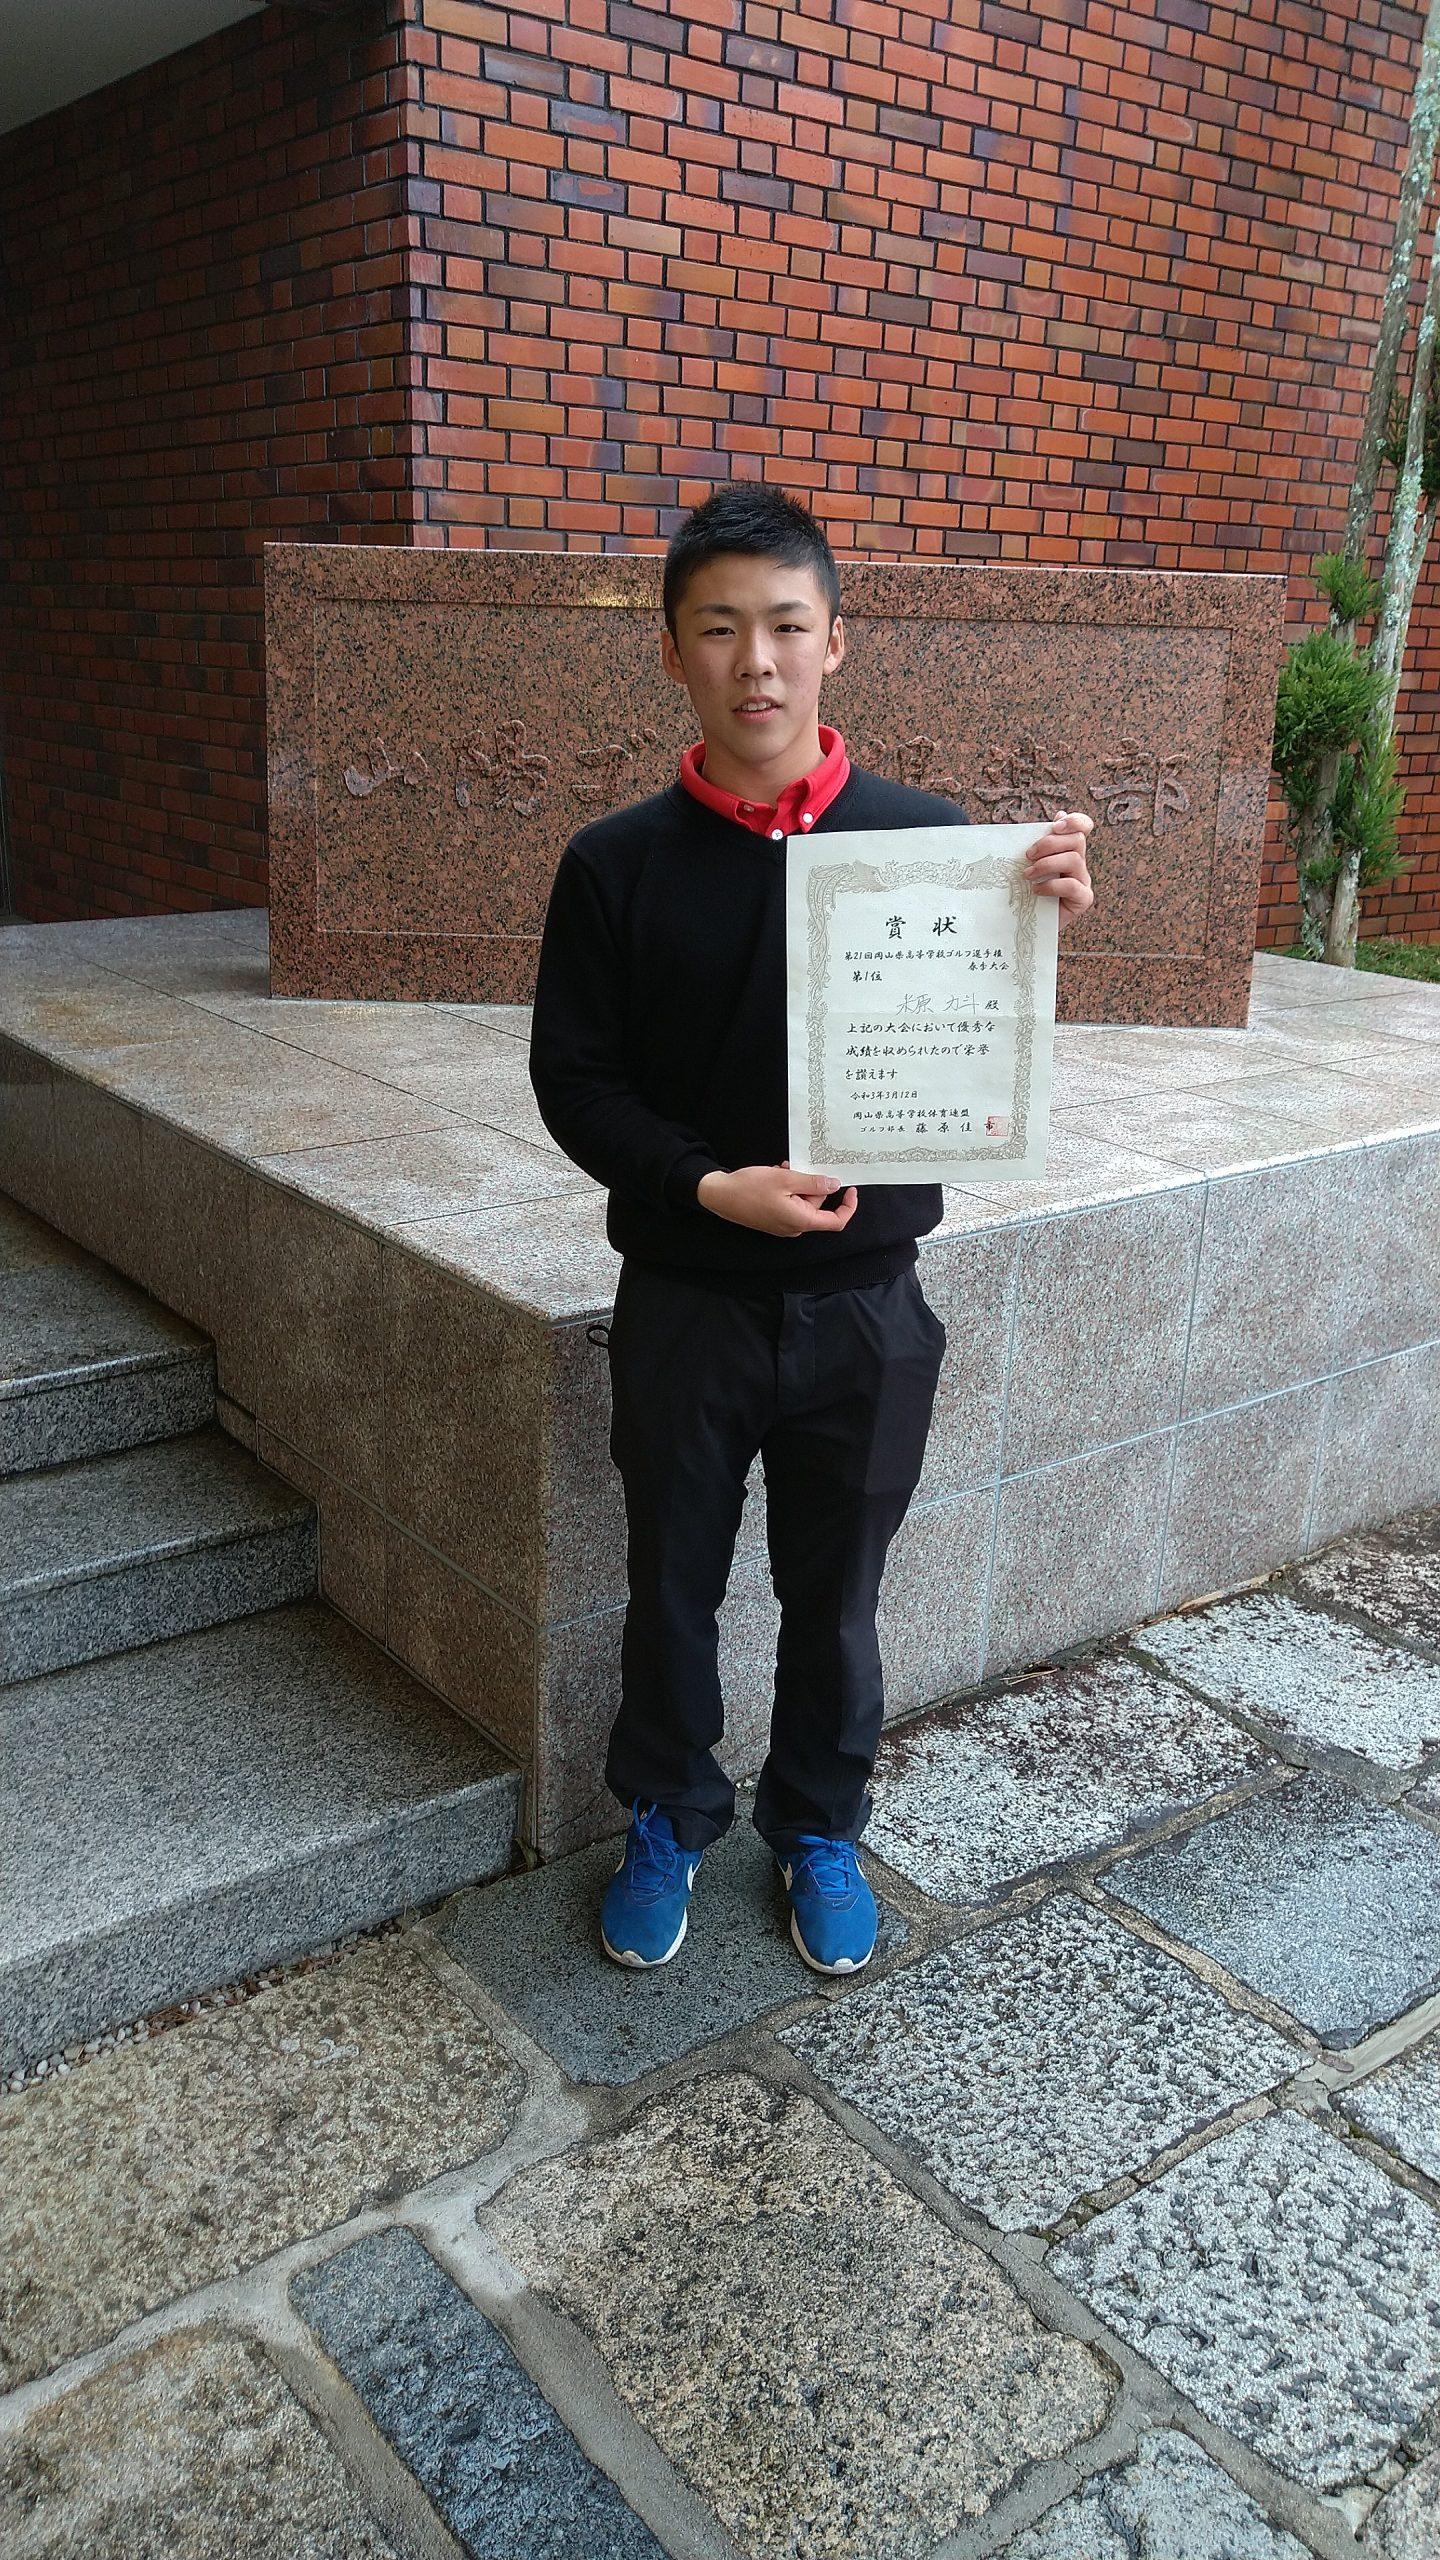 令和2年度 第21回 岡山県高等学校ゴルフ選手権 春季大会